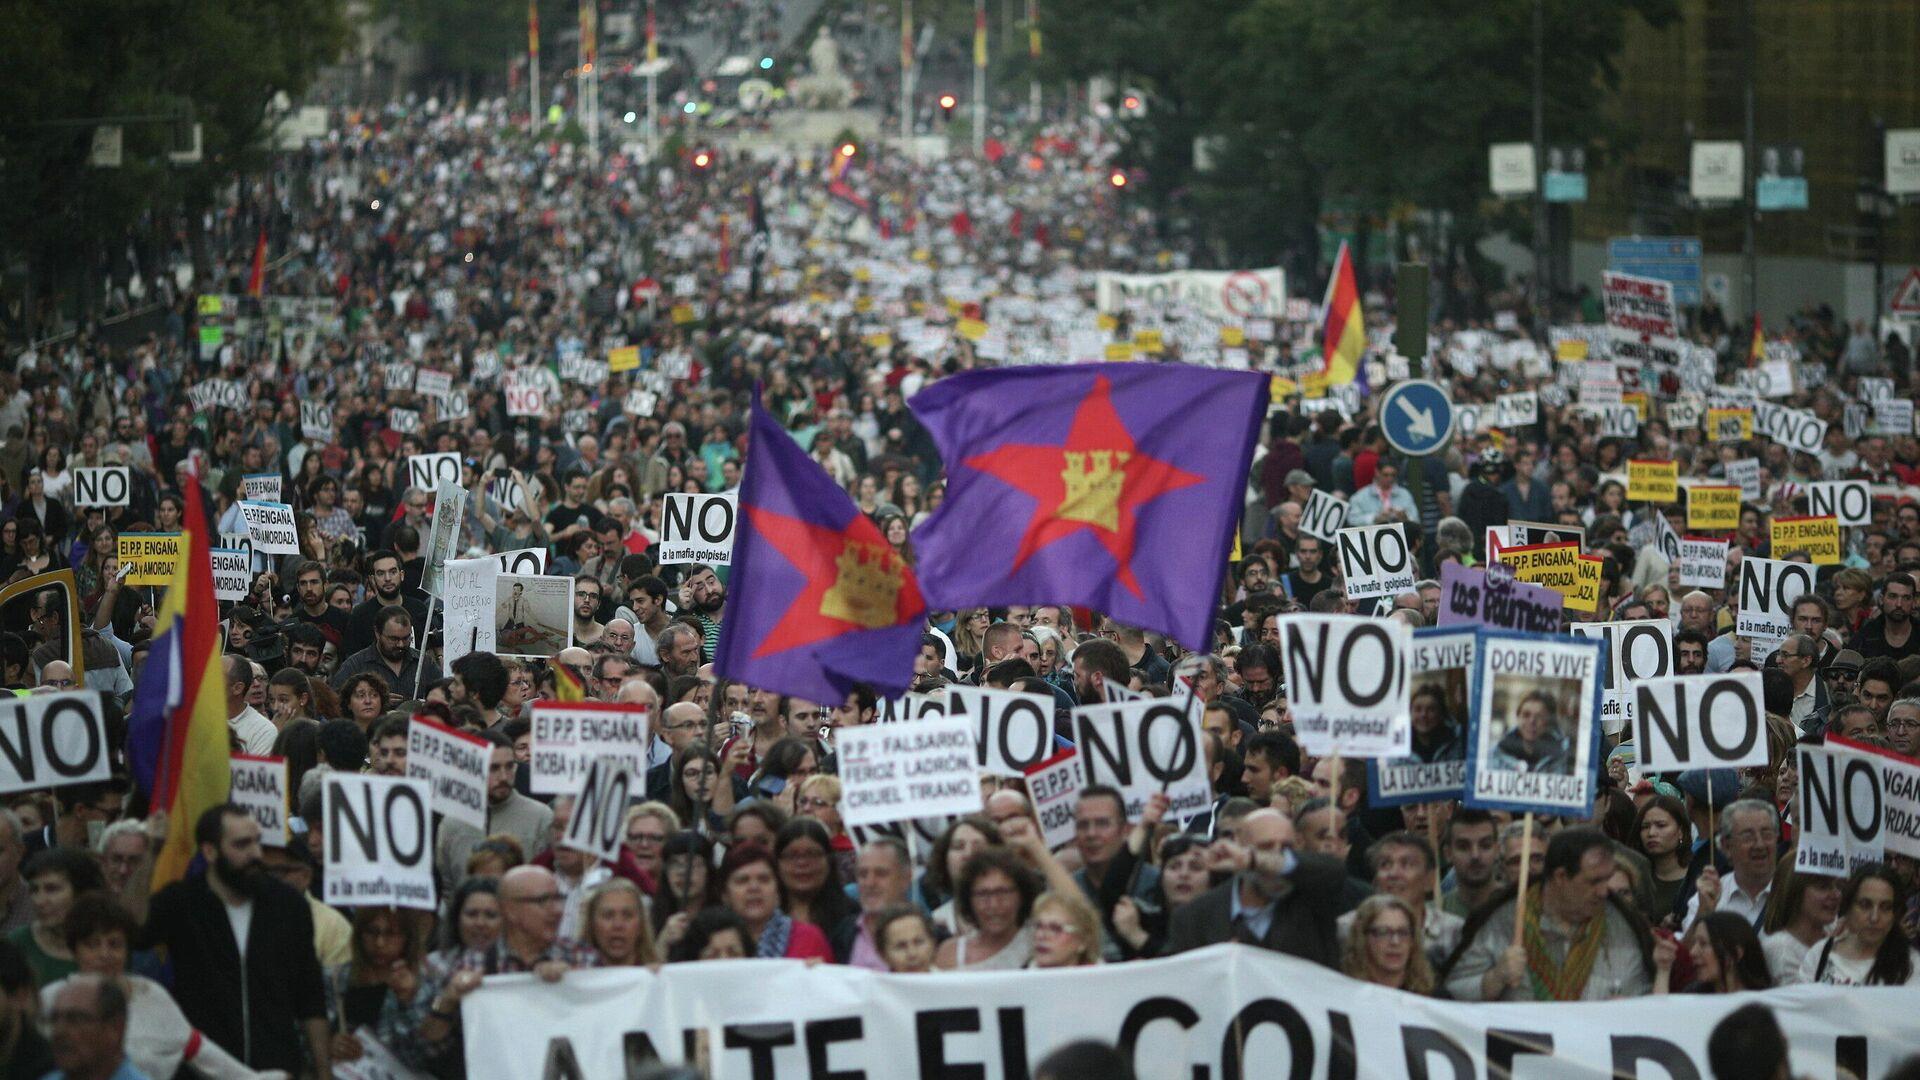 Manifestación 'Rodea el Congreso', con banderas de IzCa en el centro - Sputnik Mundo, 1920, 14.08.2021